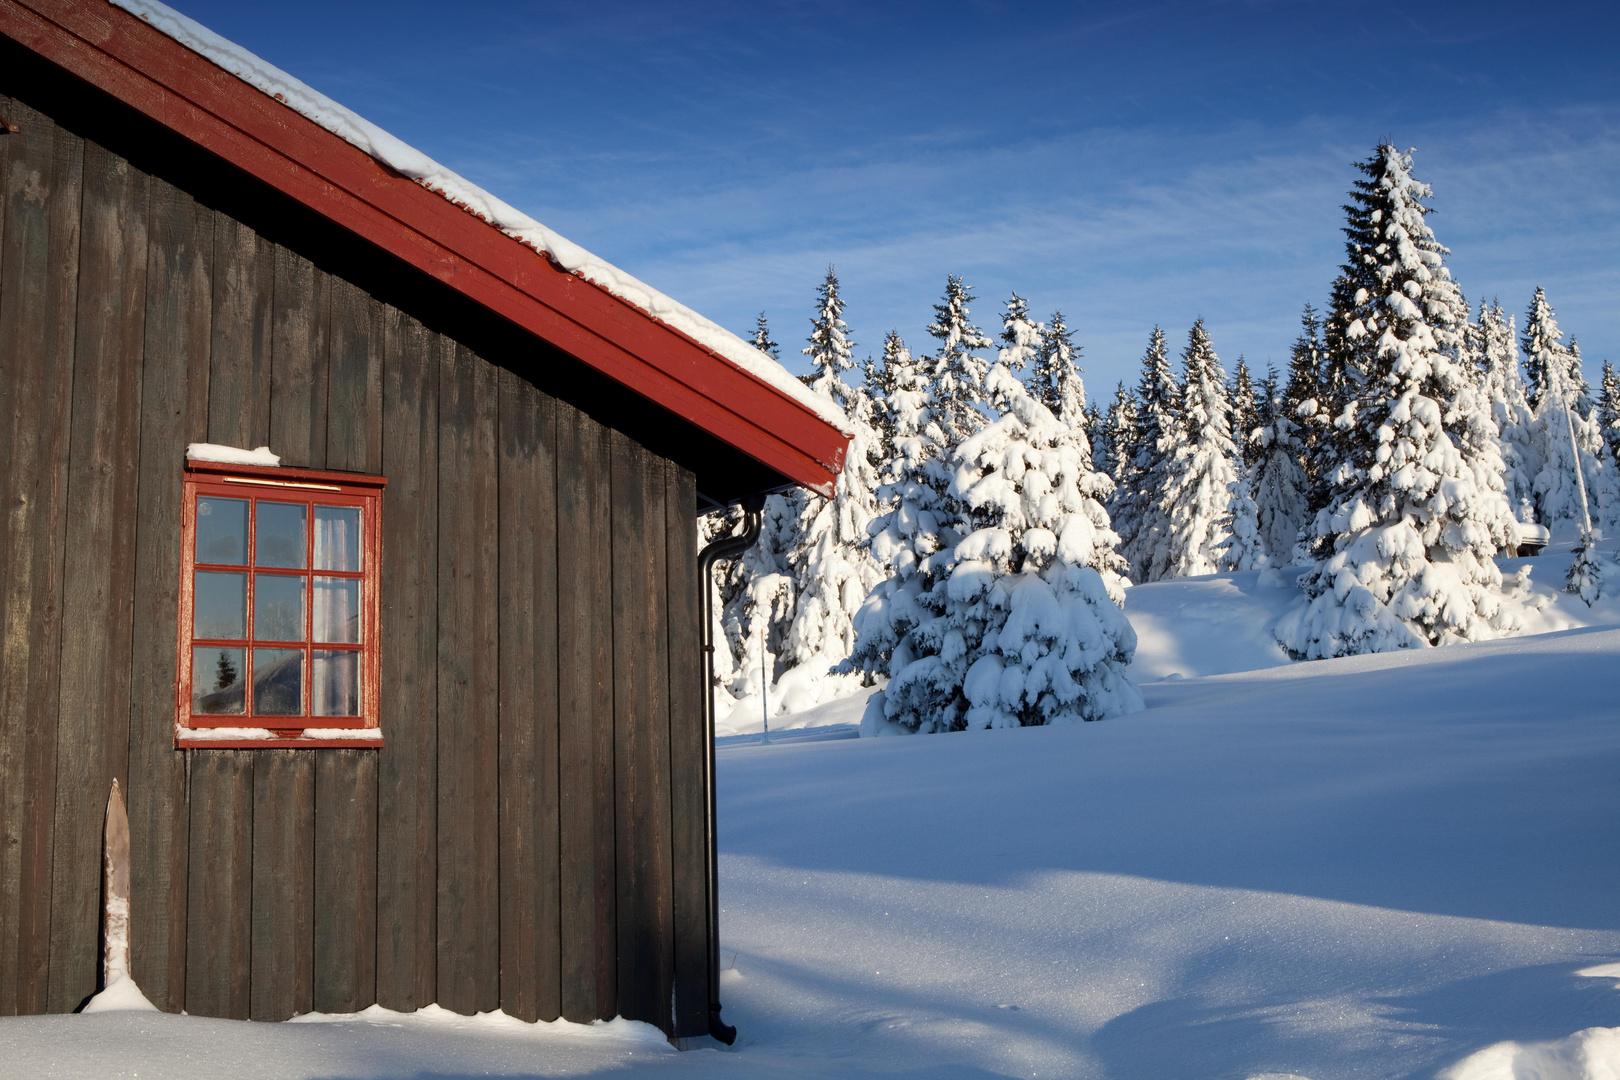 Winter Wonderland ....